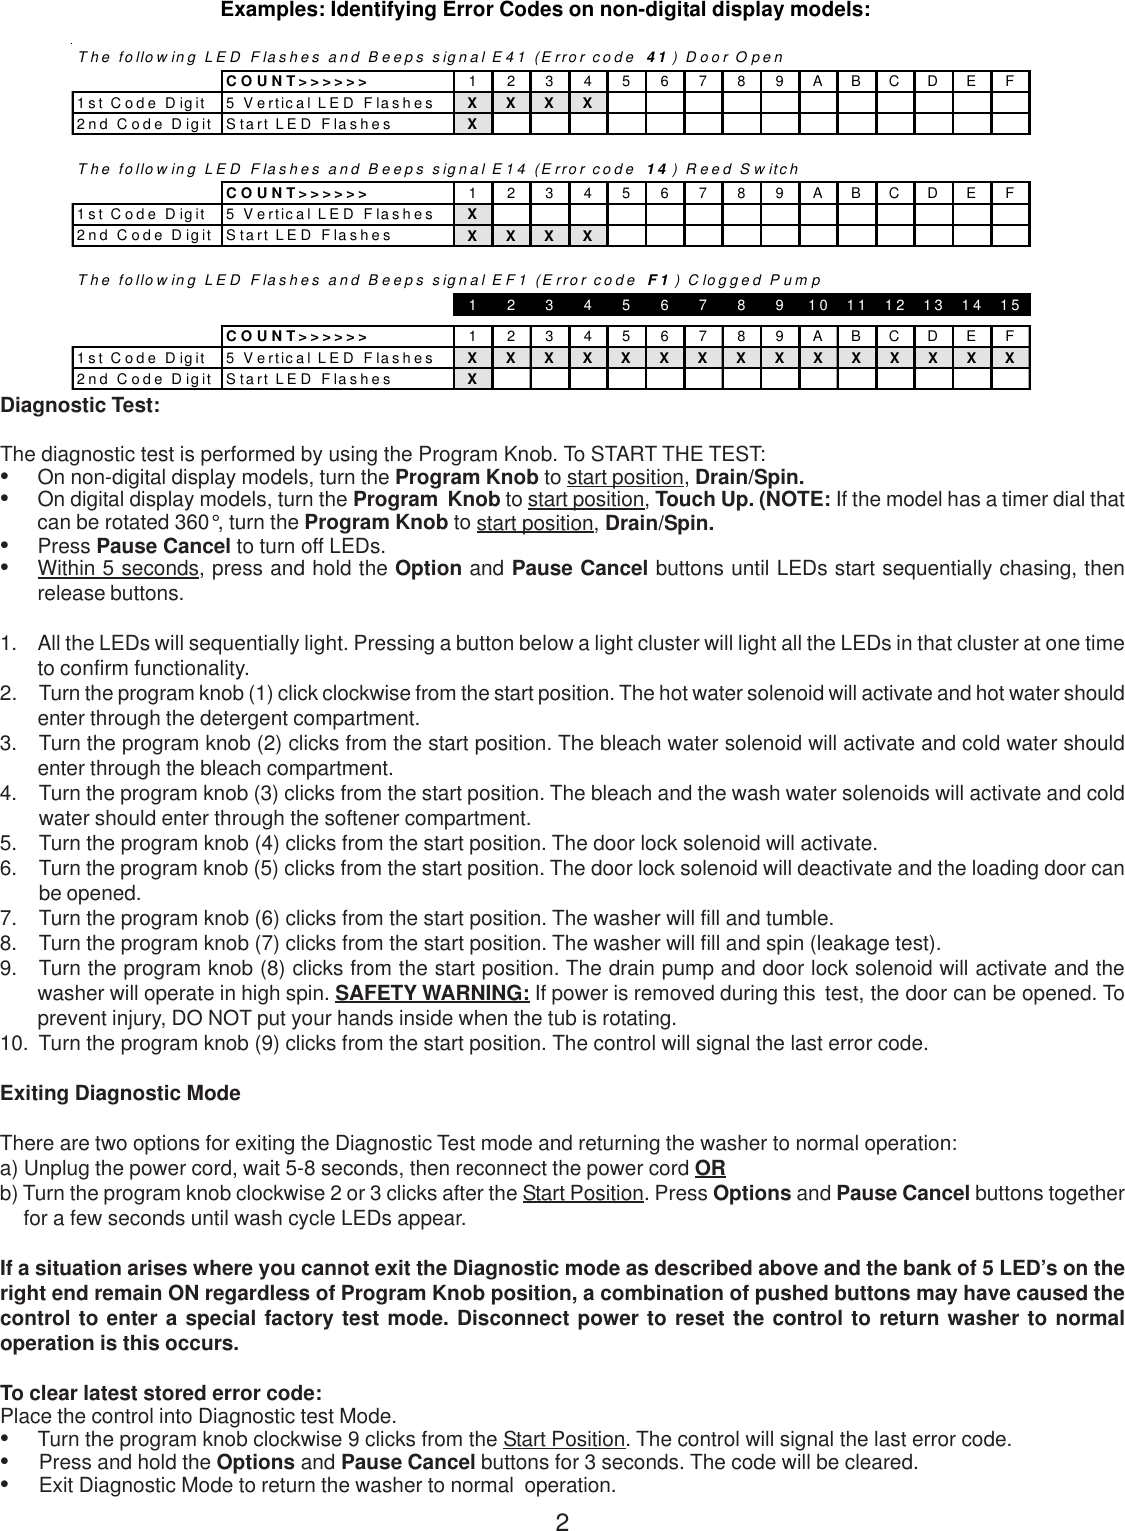 134374100bTS_WD_CVR Kenmore Washer Tech Data Sheet 417 44052400